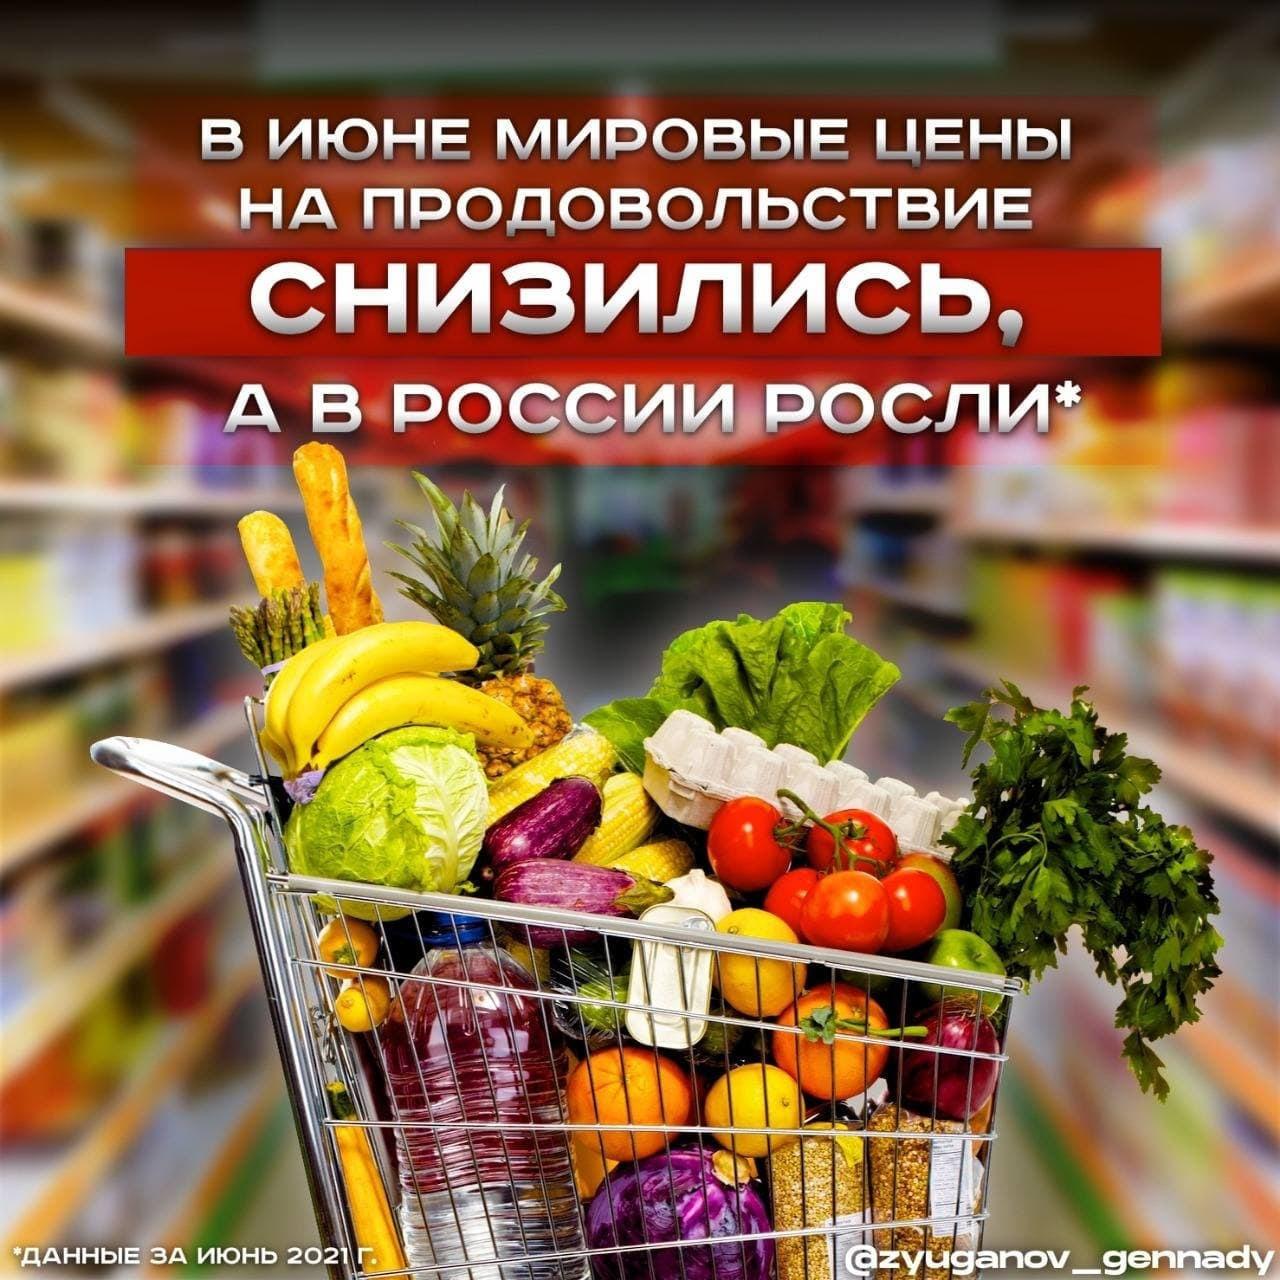 Цены в России ползут в верх